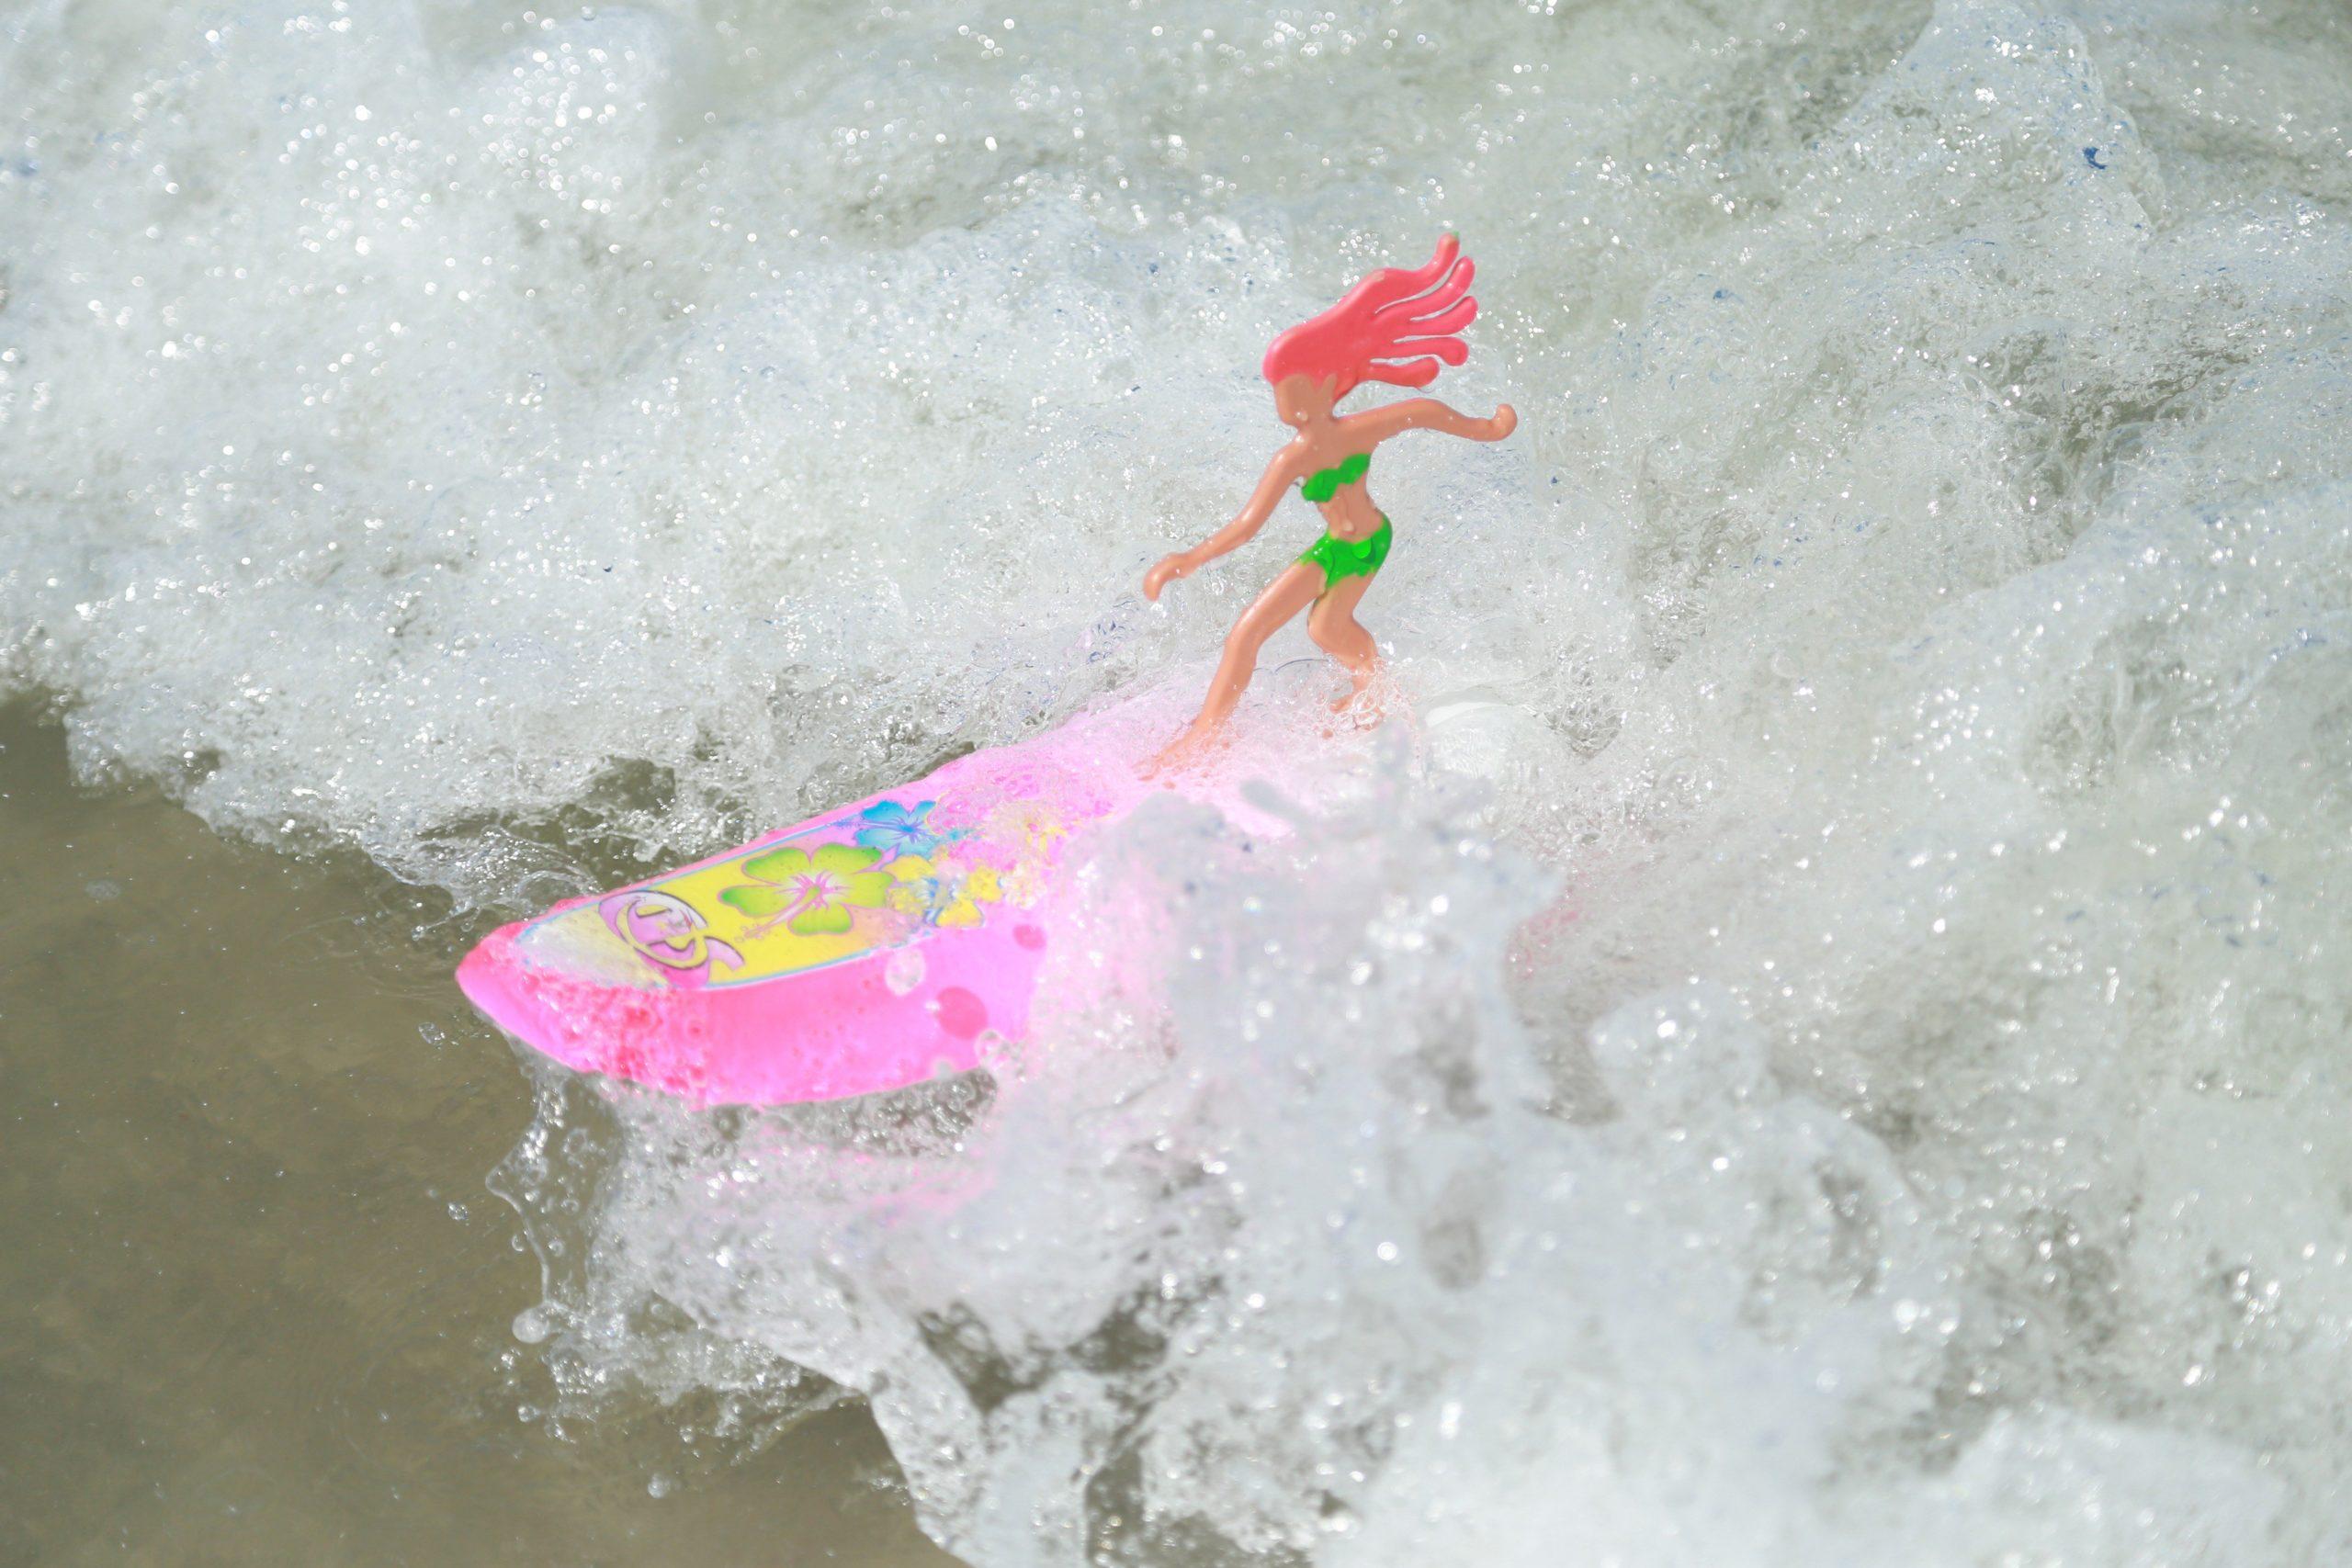 Surfer Dudes toy